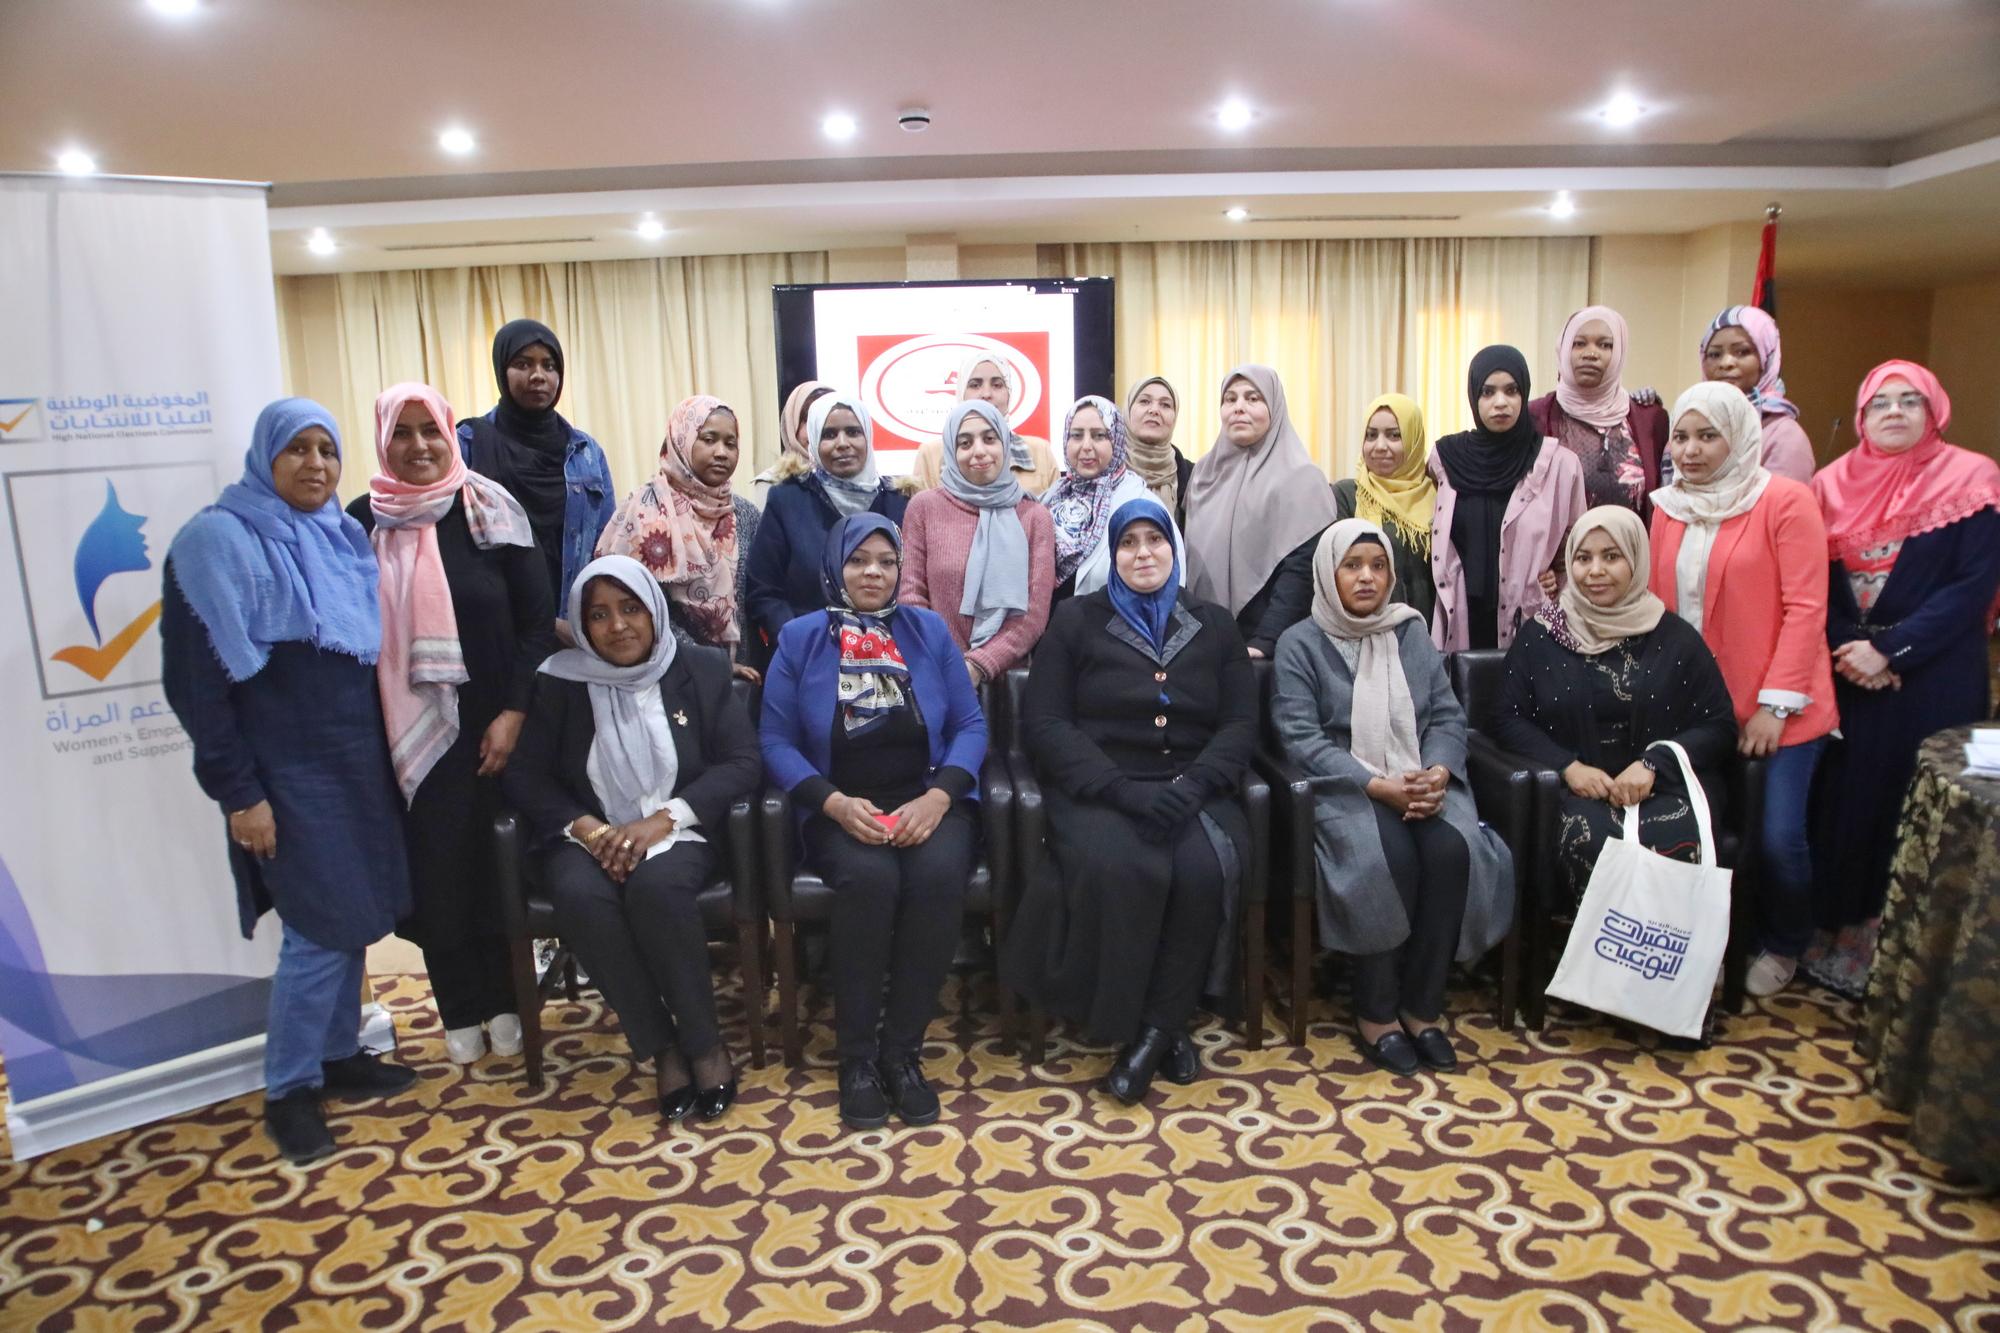 قسم التدريب يساهم في تنفيذ برامج وحدة دعم المرأة التوعوية